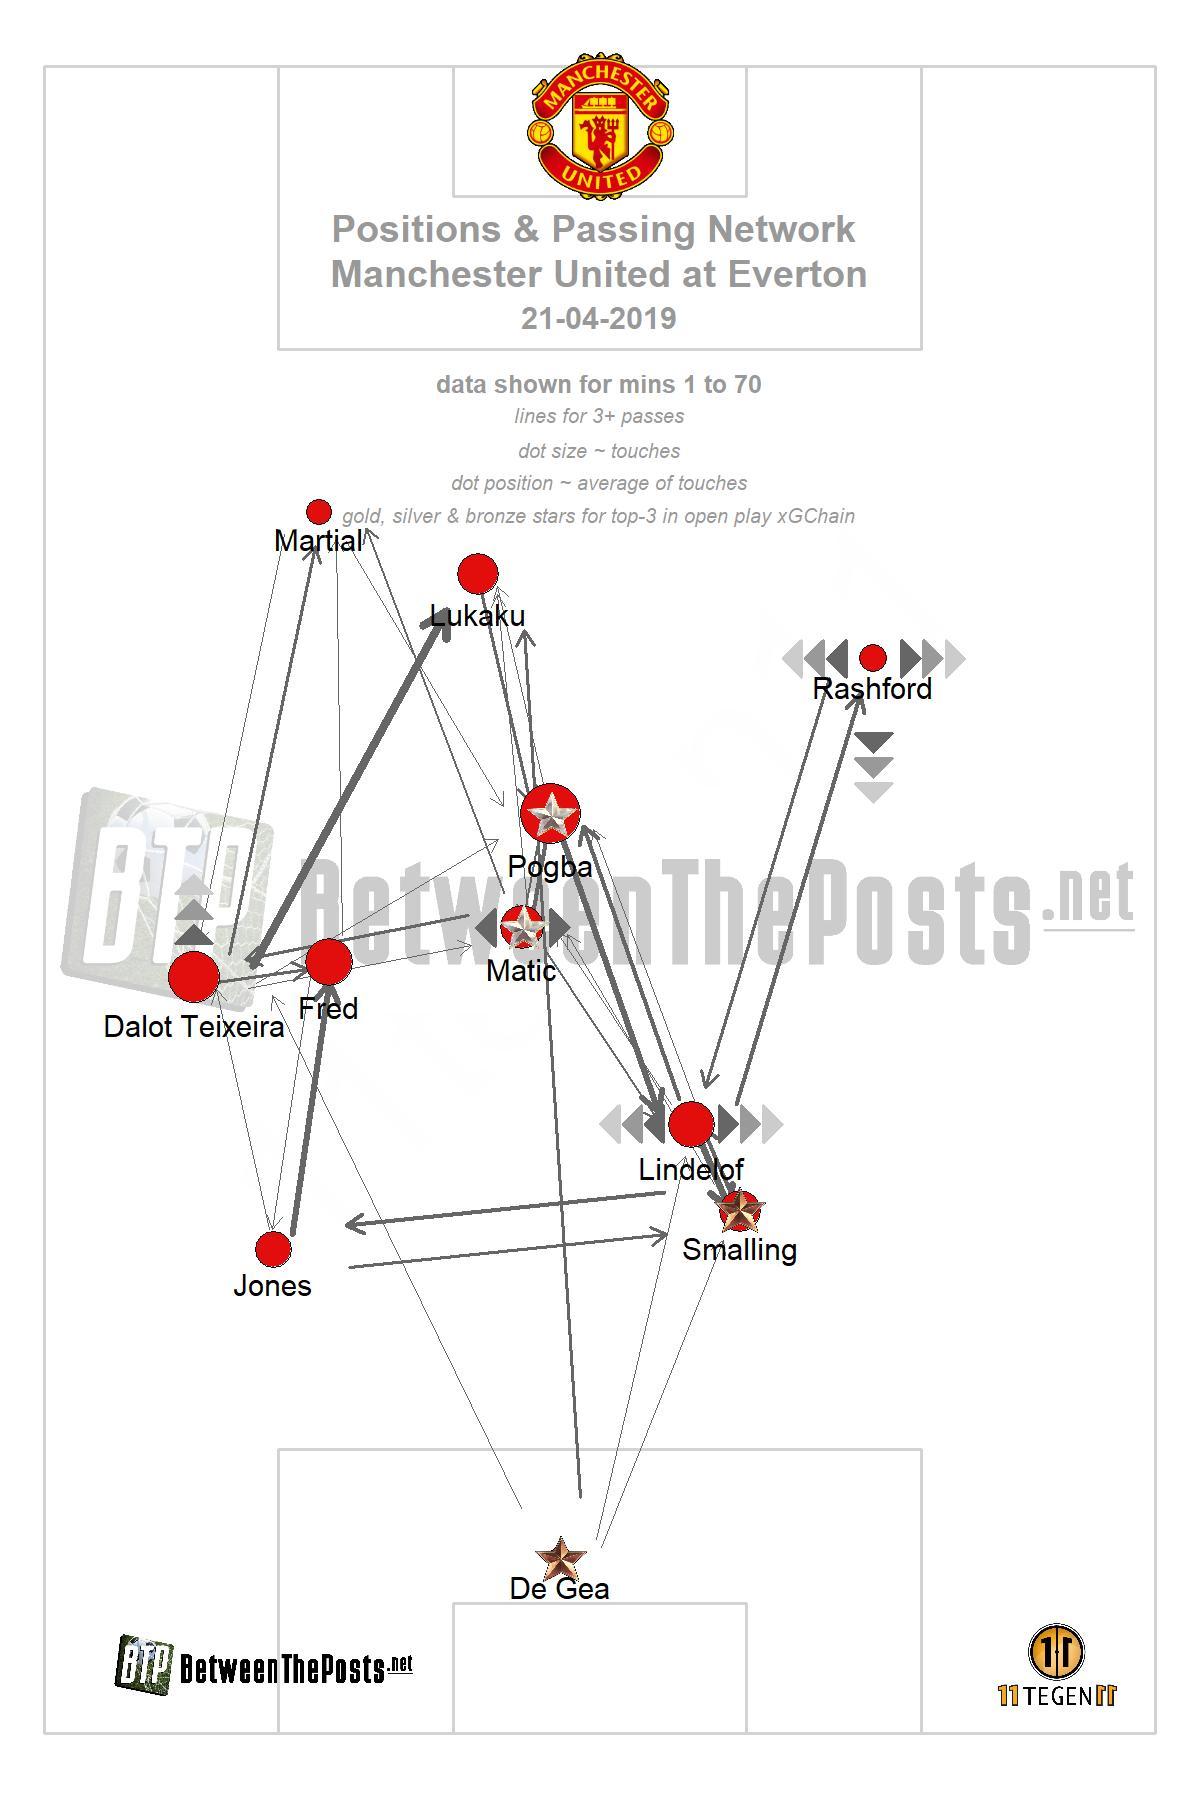 Passmap Everton Manchester United 4-0 Premier League